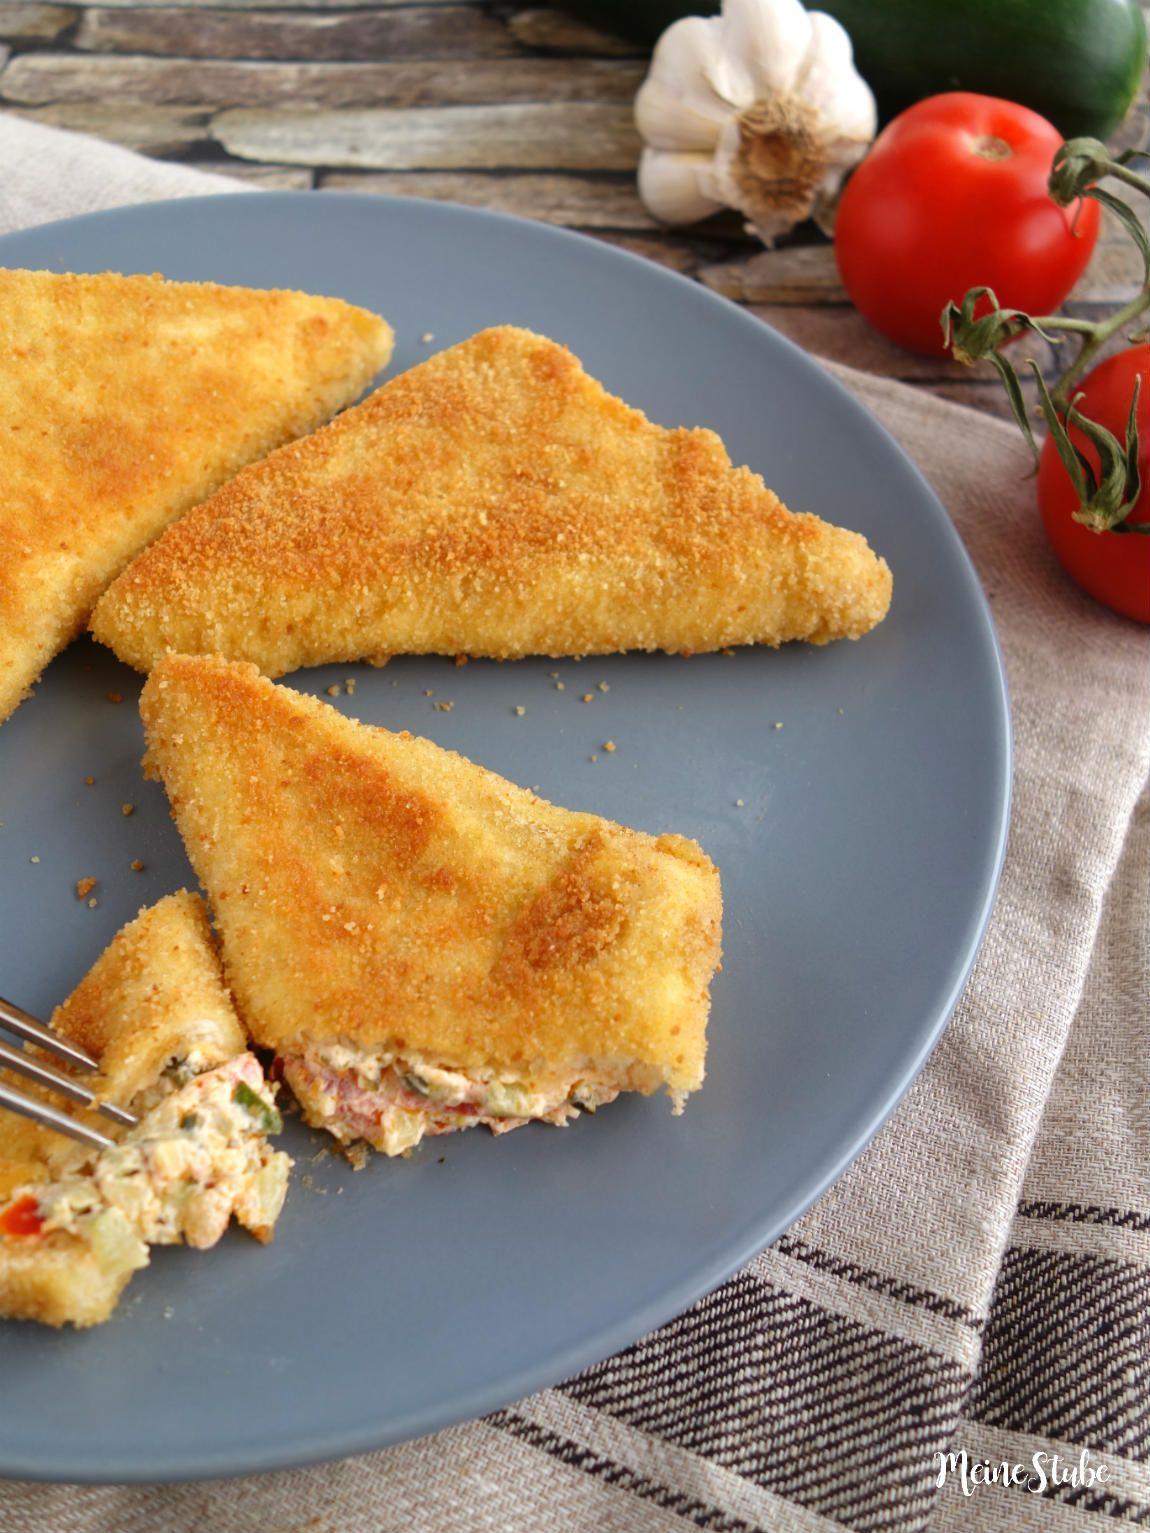 Zucchini-Frischkäse-Taschen, paniert und knusprig gebraten - MeineStube